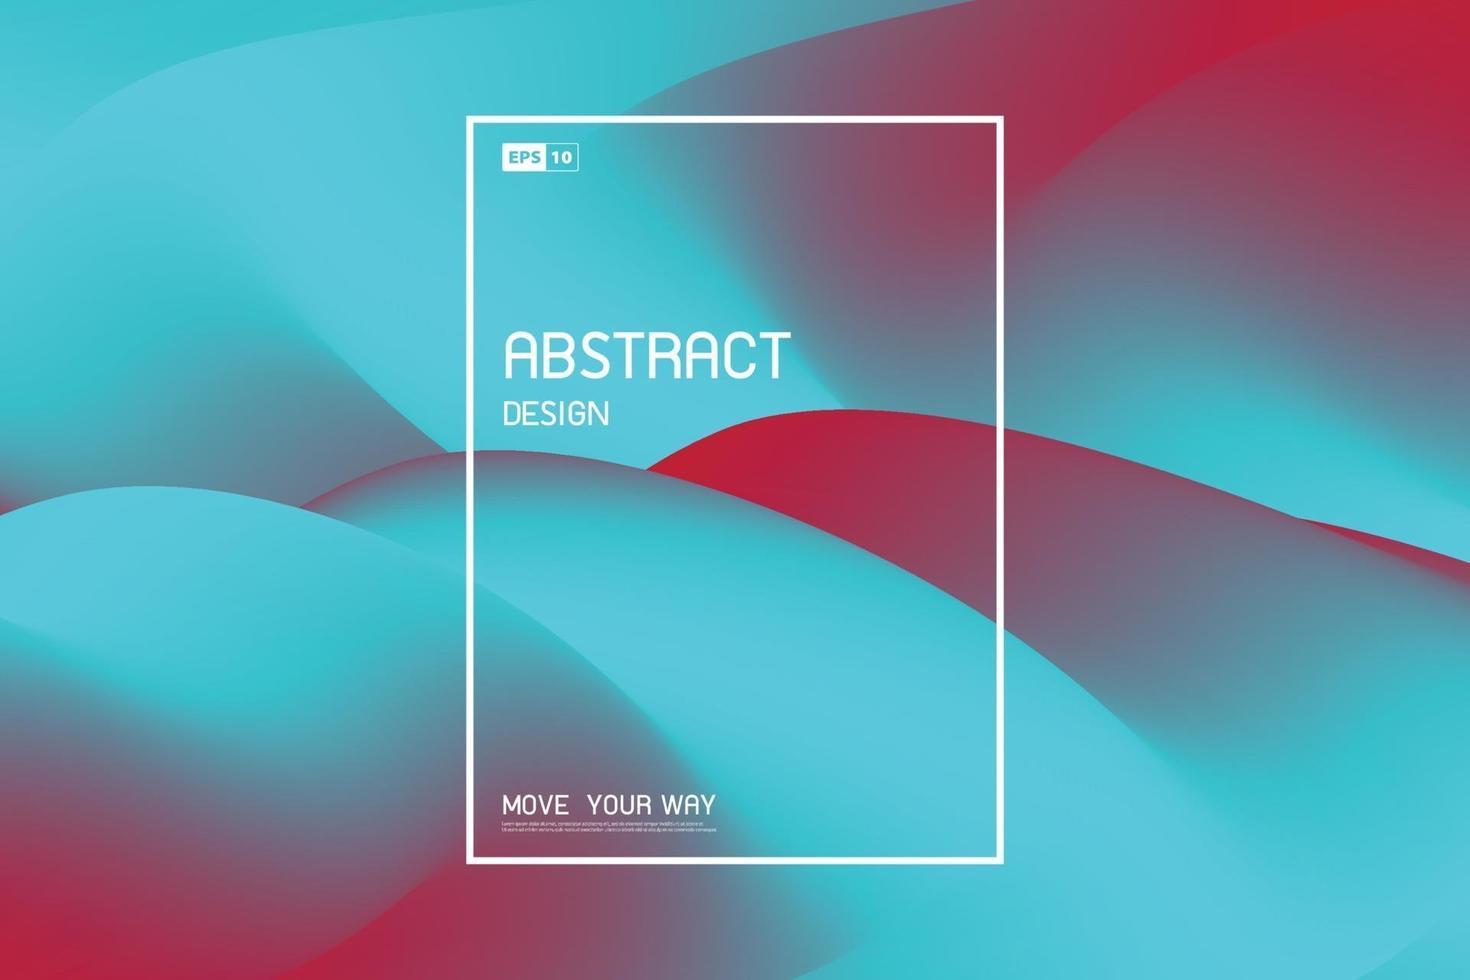 abstraktes fließendes Netzdesign des hellen blauen und roten Dekorationsabdeckungshintergrunds. Illustrationsvektor vektor